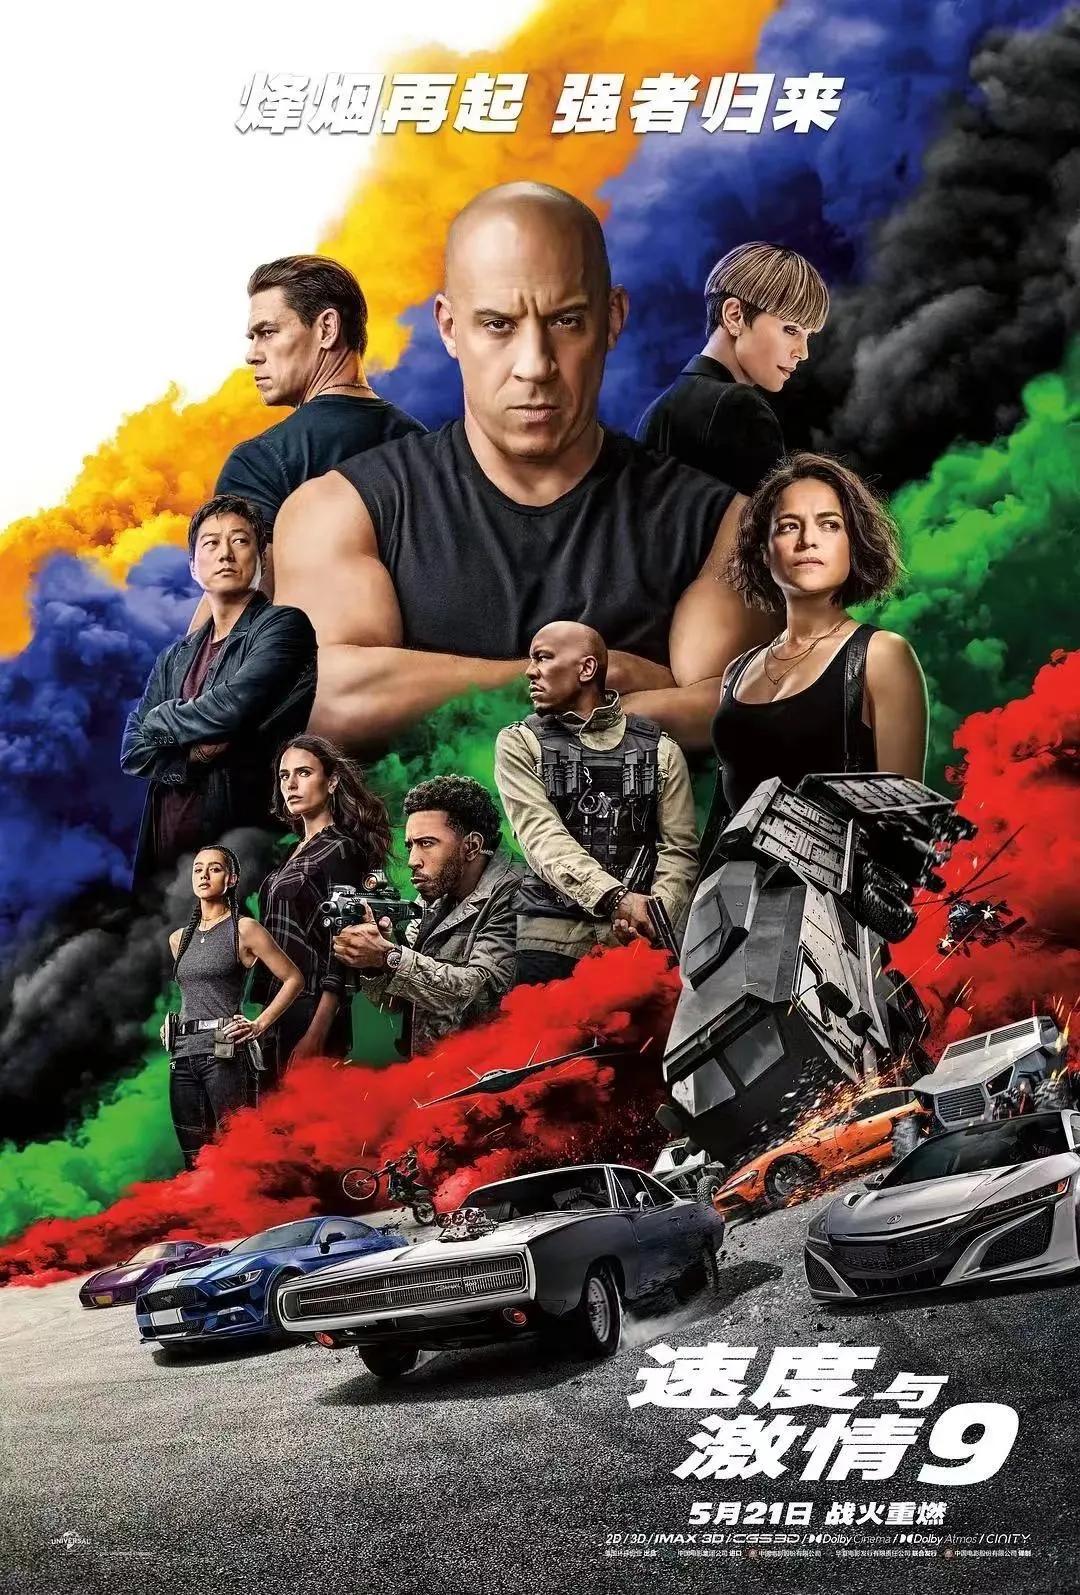 《速度与激情9》宣布中国内地已过审,发布了官方正式预告和海报,定档5月21日,大银幕见!